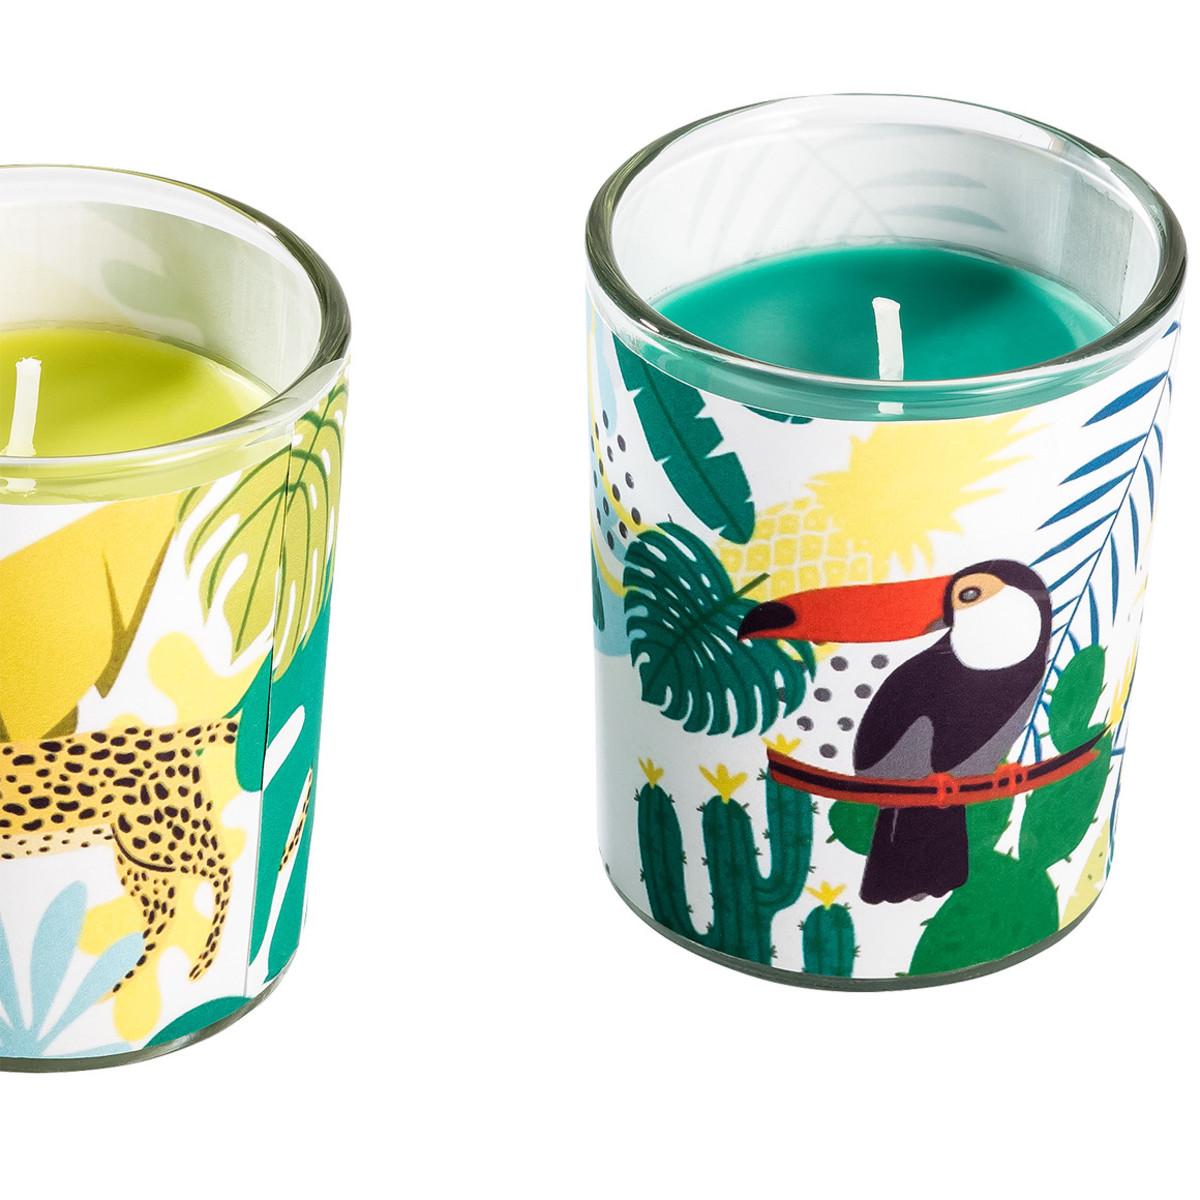 Bild 2 von 3 Kerzen im Glas mit Dschungel-Motiven